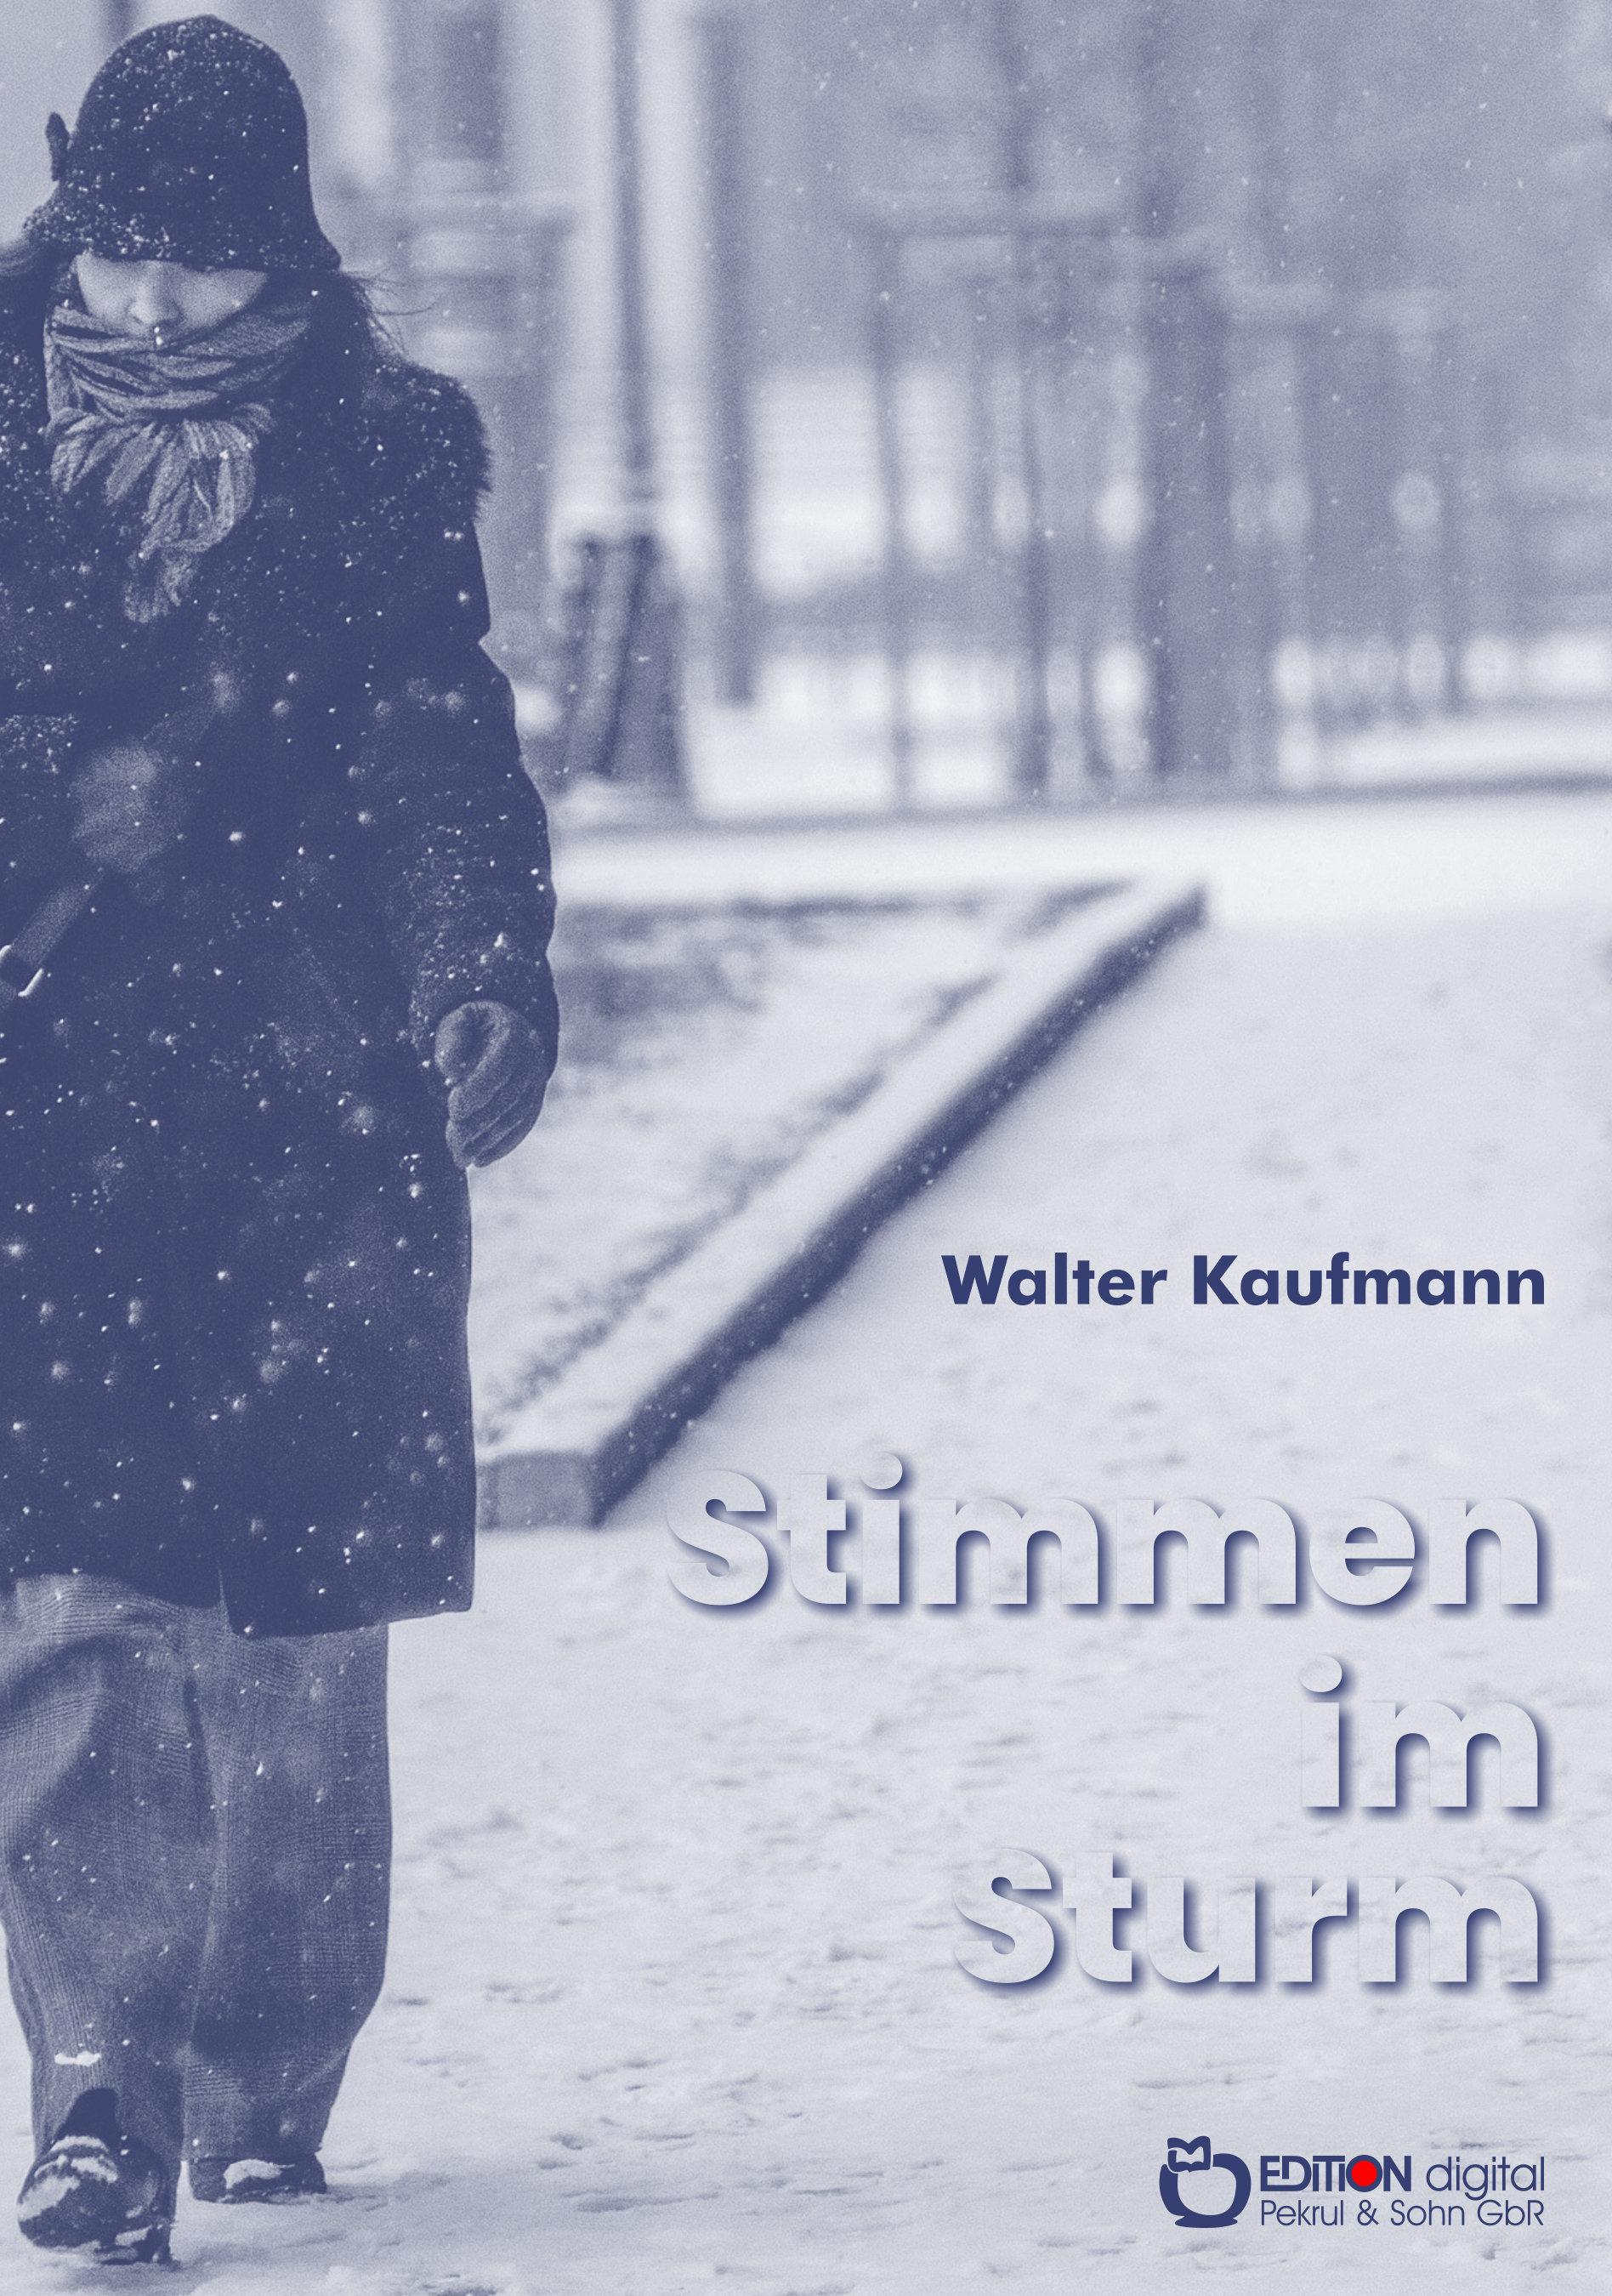 Stimmen im Sturm von Walter Kaufmann